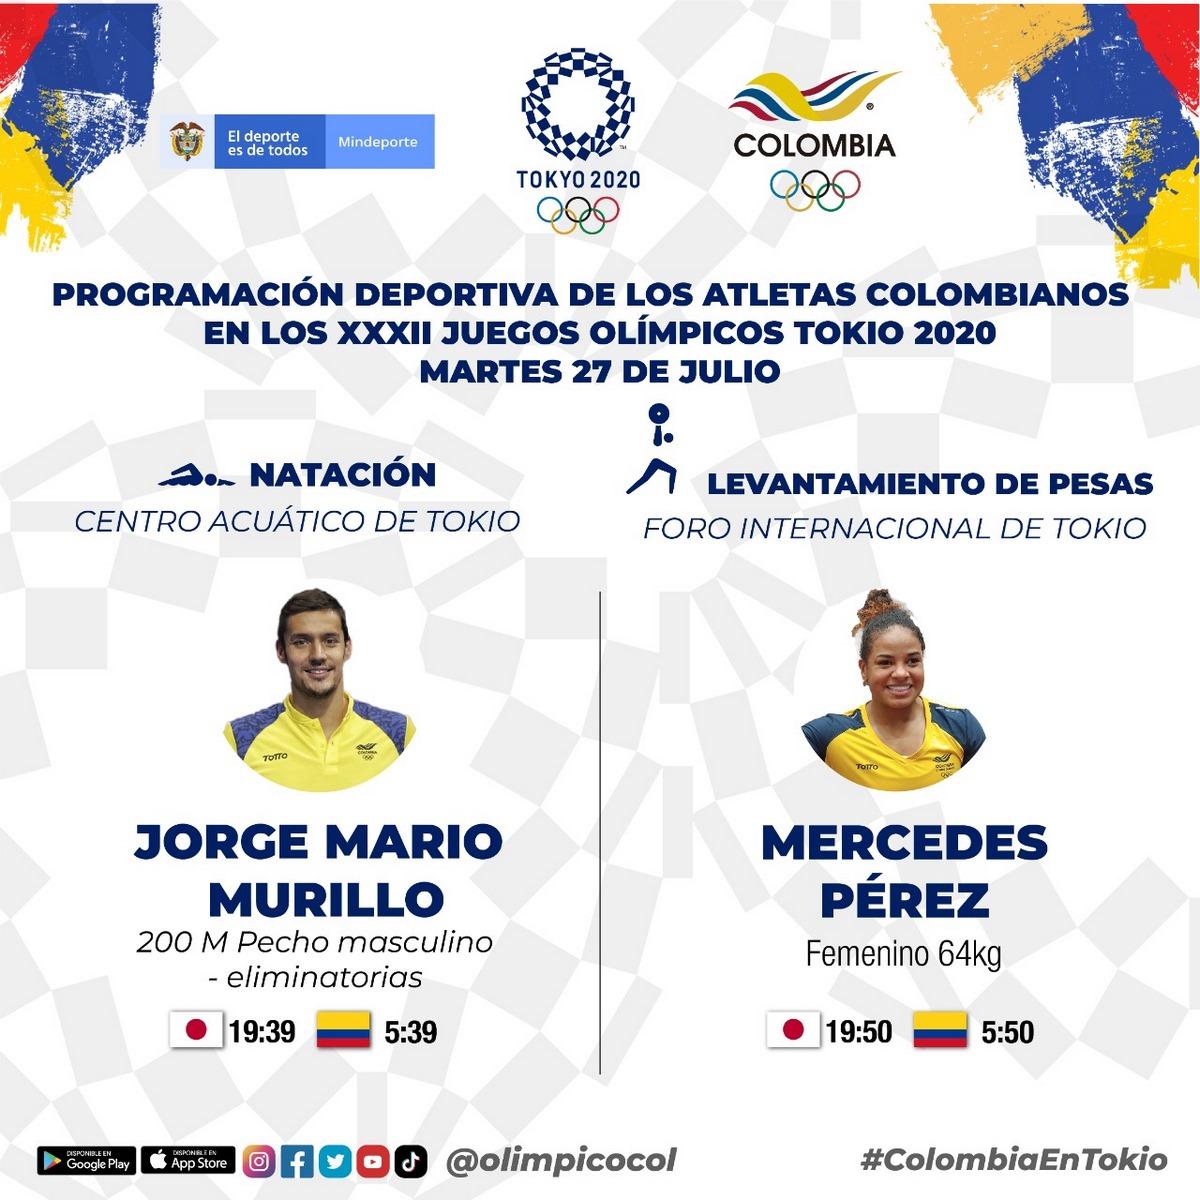 Colombia martes Juegos Olimpicos